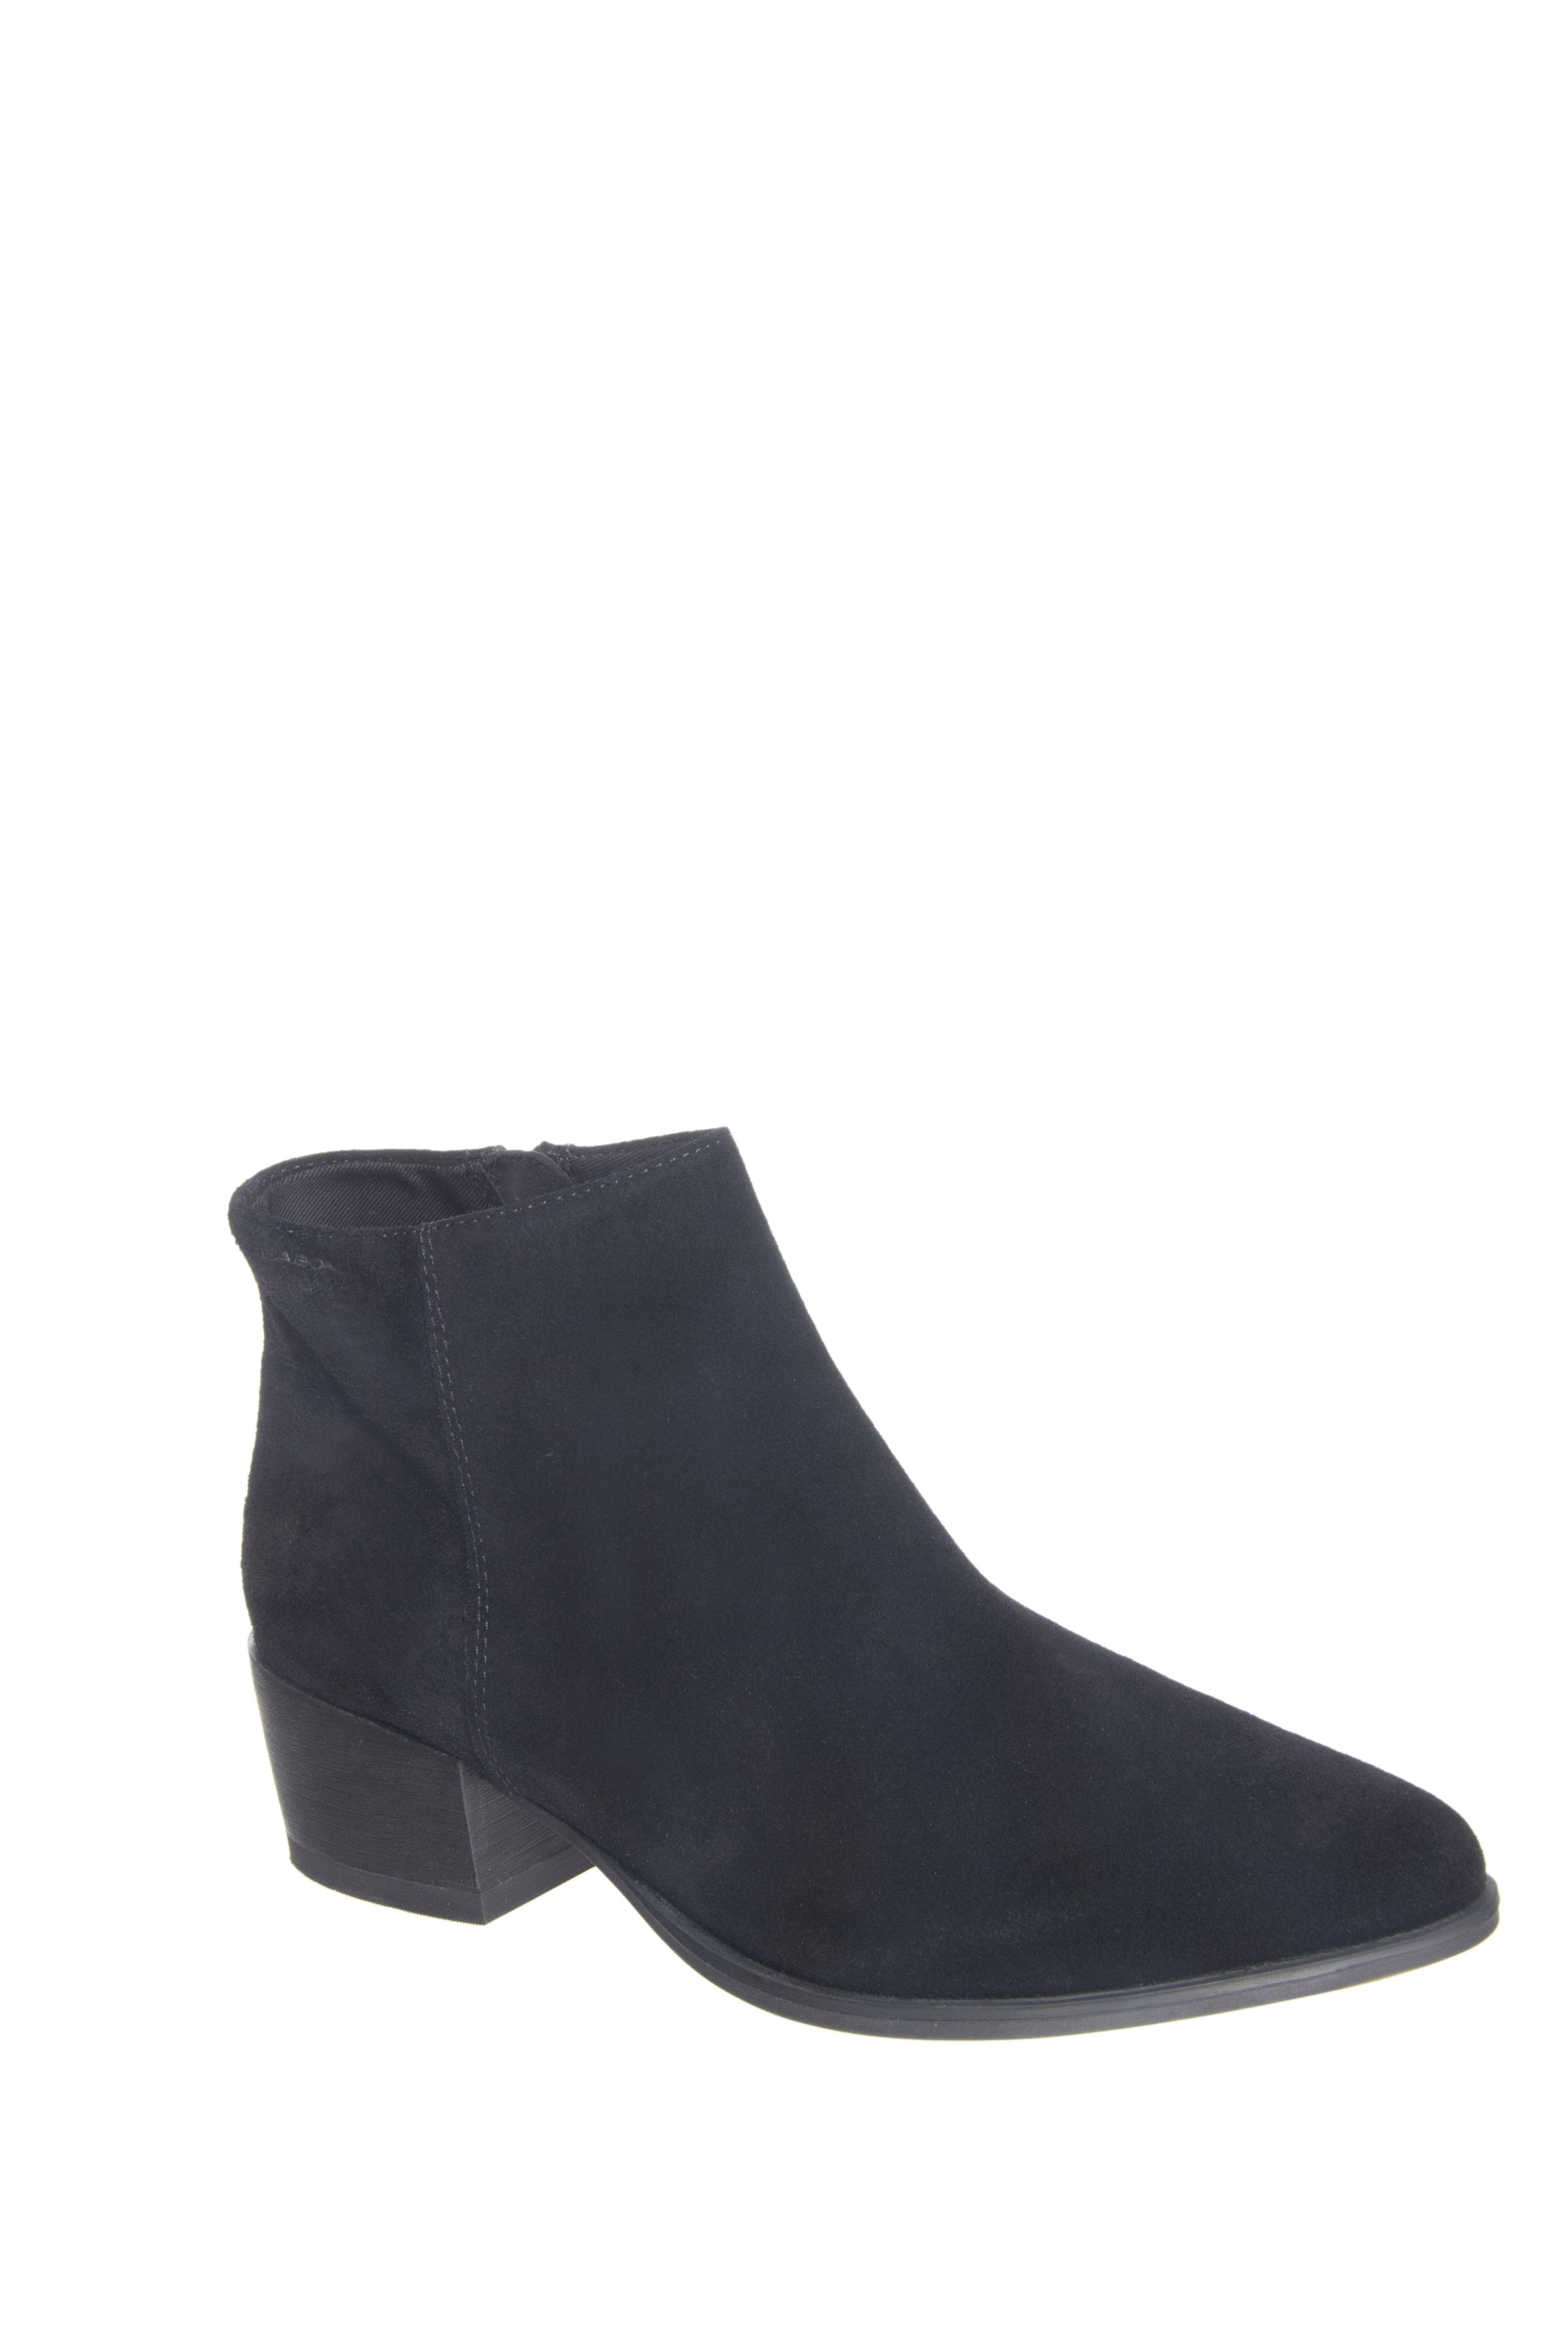 Vagabond Marja Mid Heel Pointed-Toe Zip Booties - Black Suede